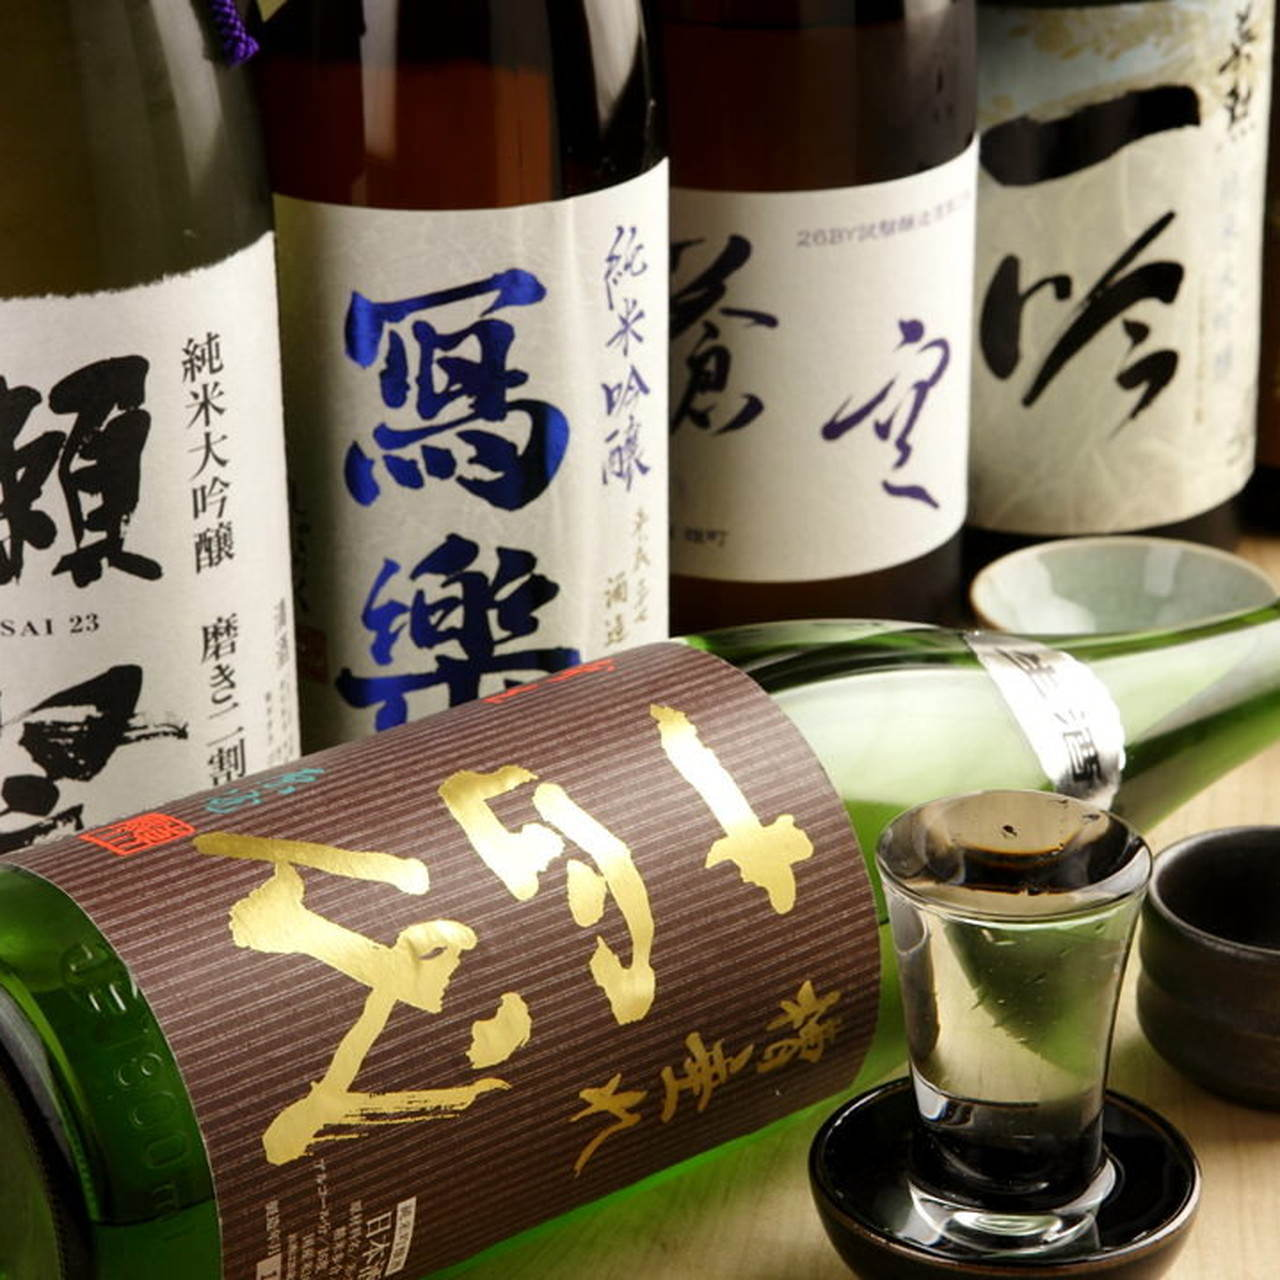 全国各地の日本酒を約120種類ご用意